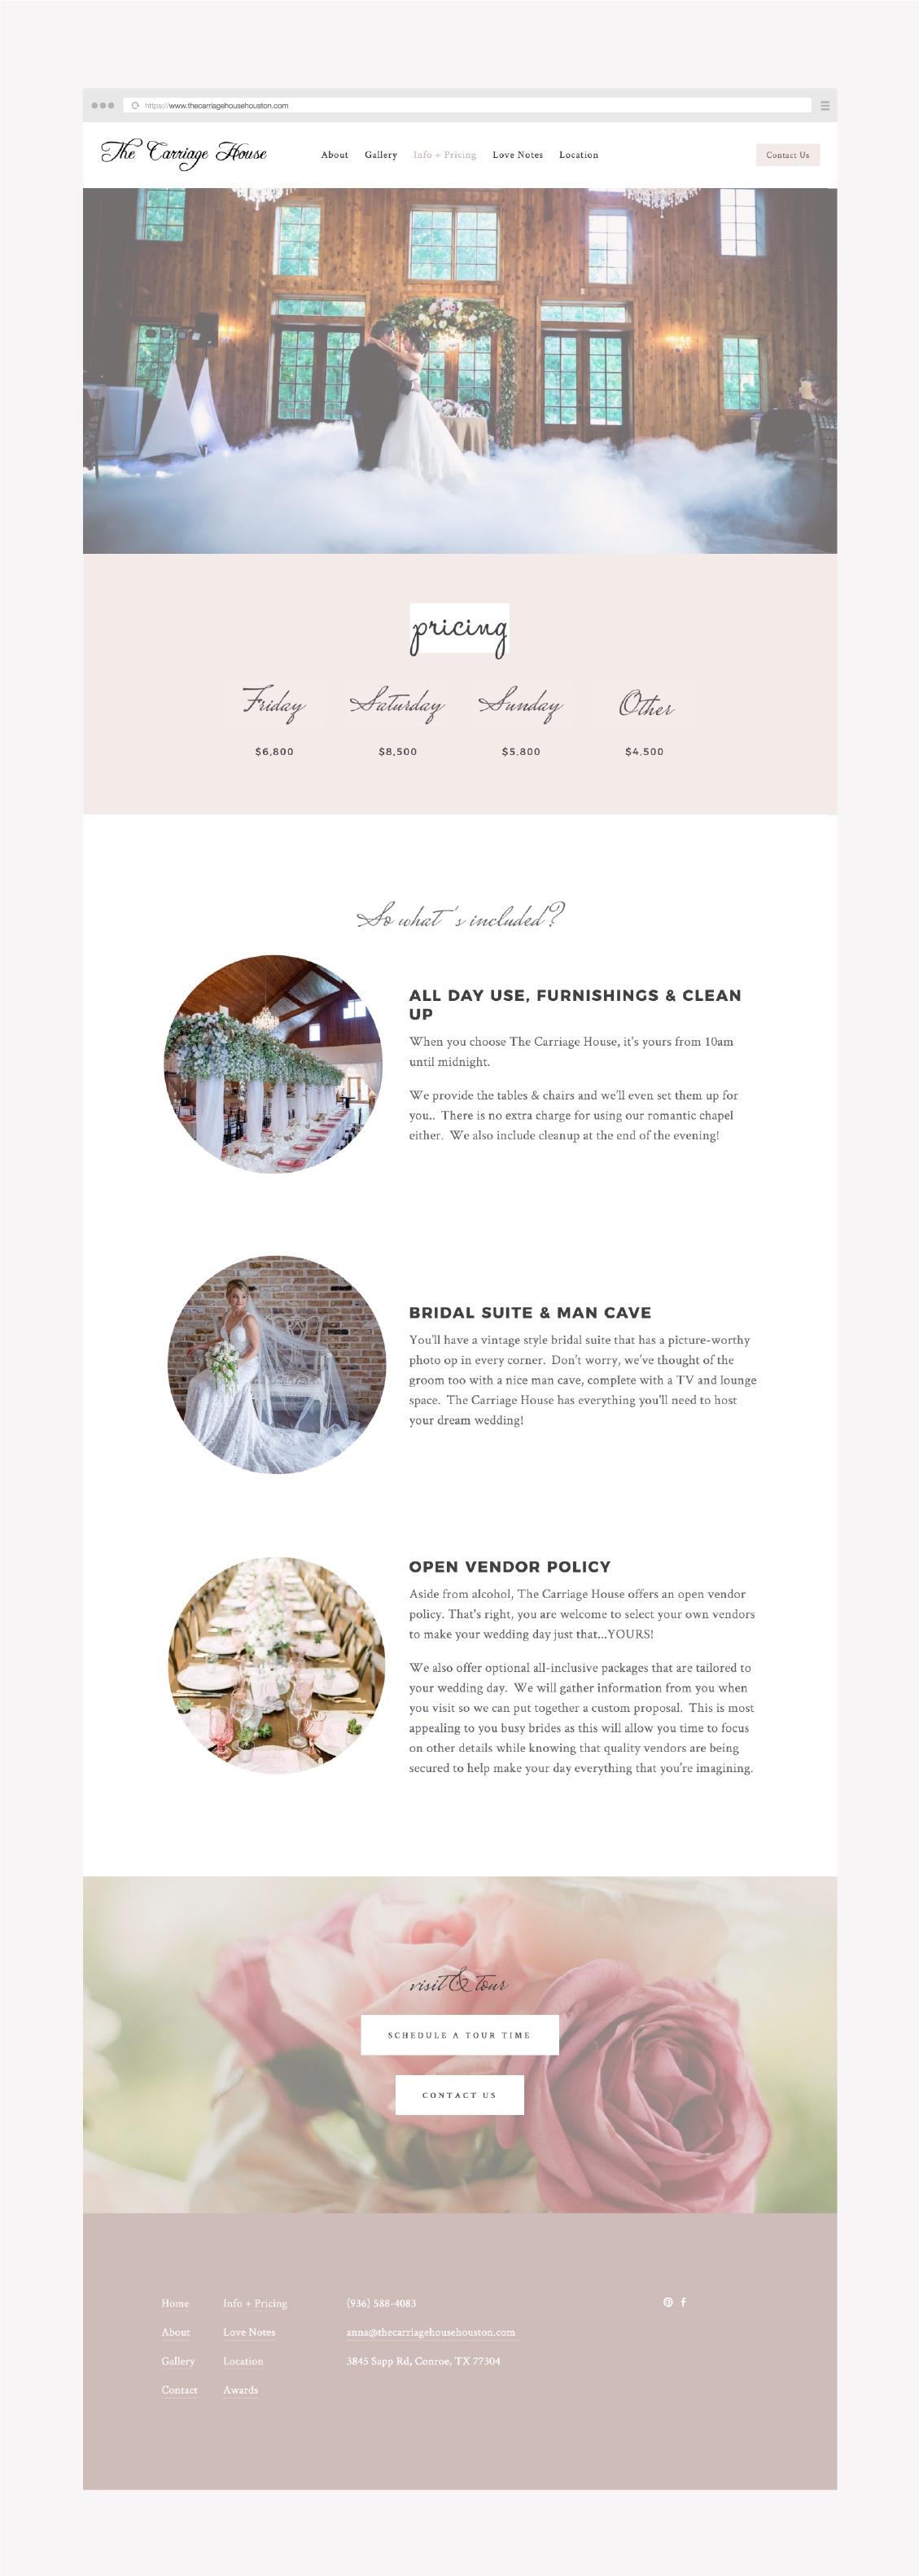 feminine pink website design for a wedding vendor built on squarespace or showit.jpg